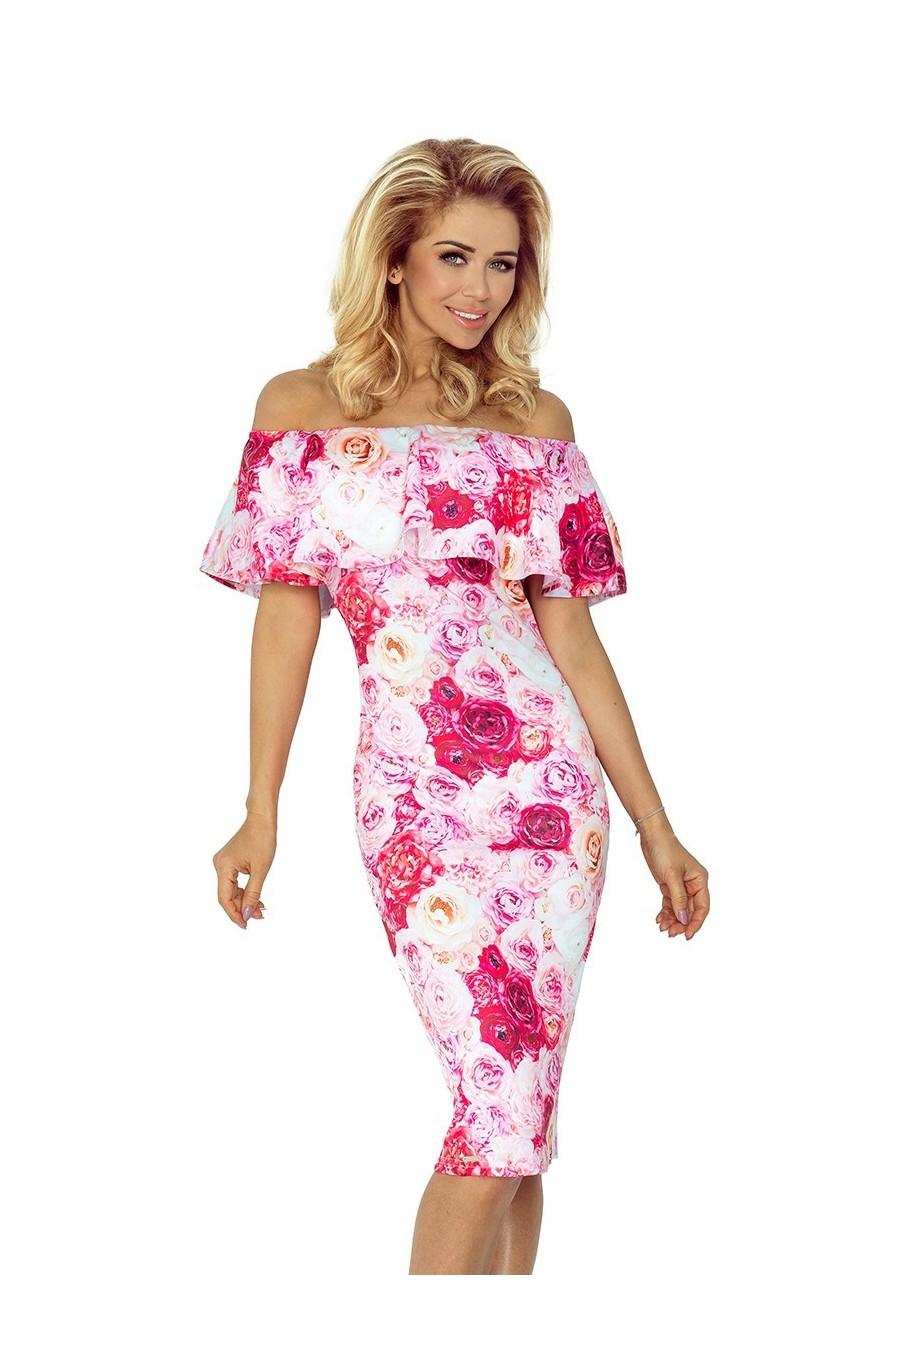 Šaty s límcem - růžové růže 138-6